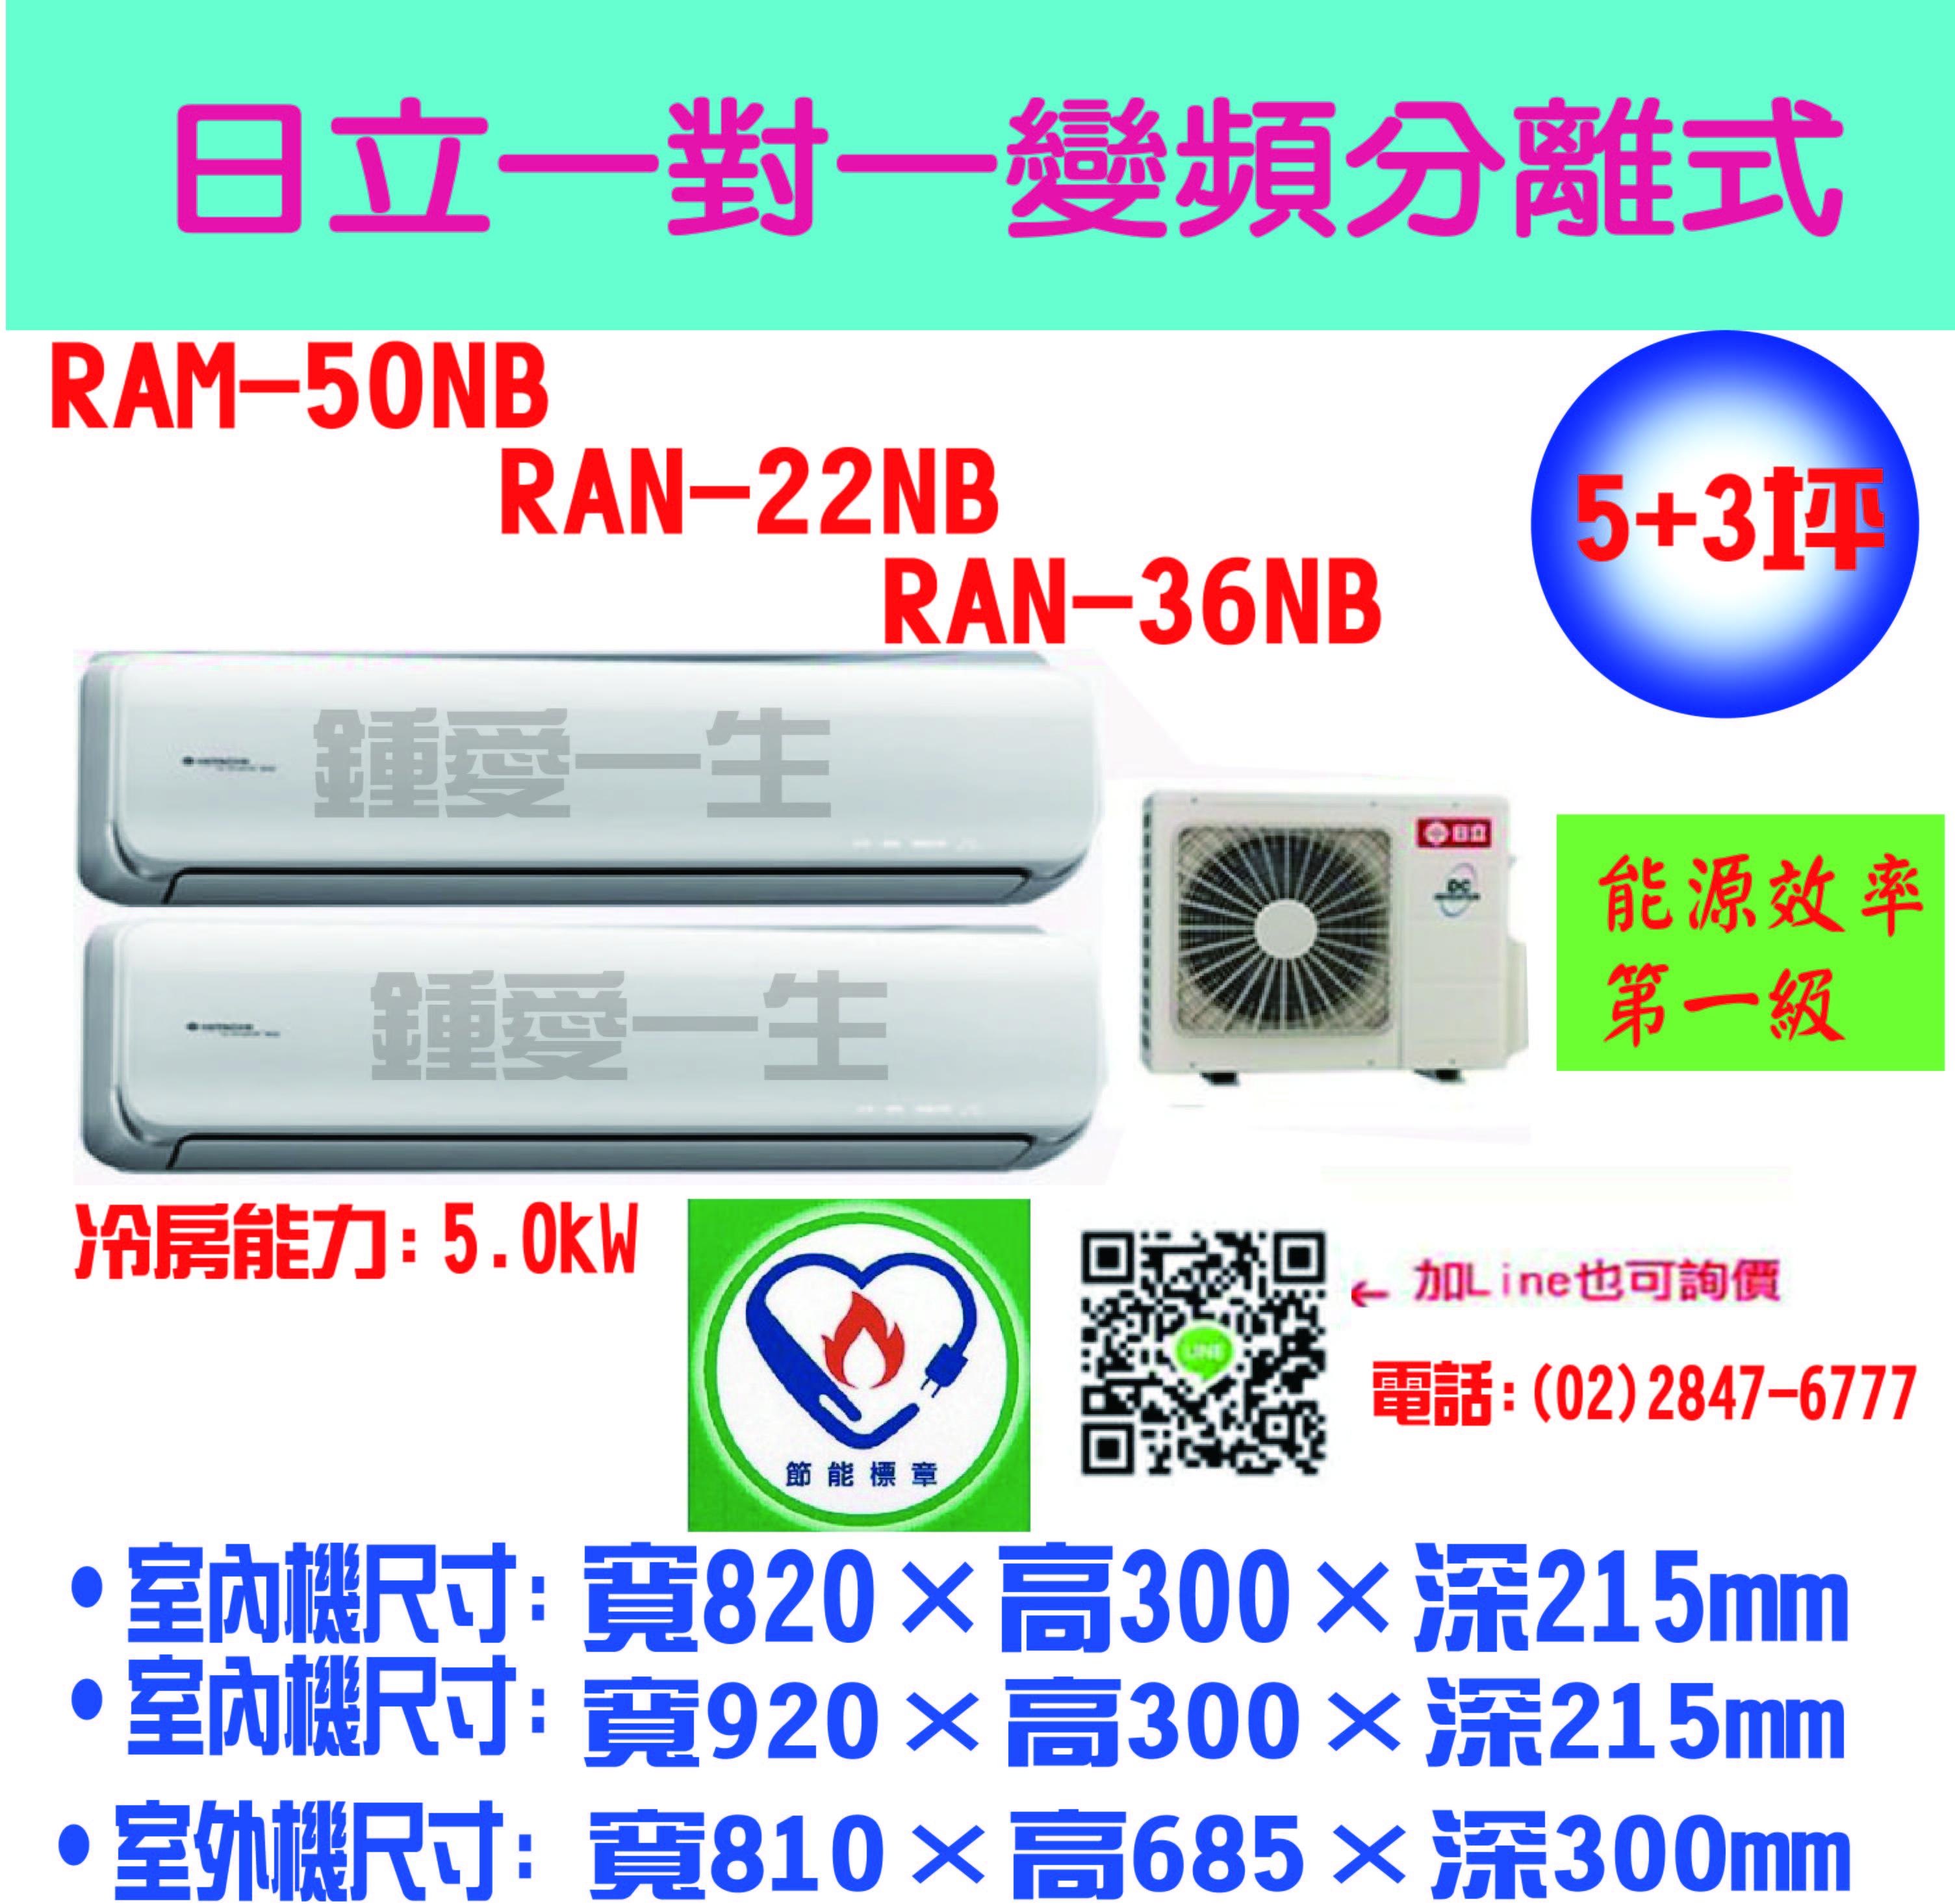 【鍾愛一生】【RAM-50NB / RAS-22NB + RAS-36NB】HITACHI 日立冷氣 變頻 冷暖 頂級型 分離式 一對二 日本原裝壓縮機 節能1級 適用3-5坪+5-7坪 免費基本安裝